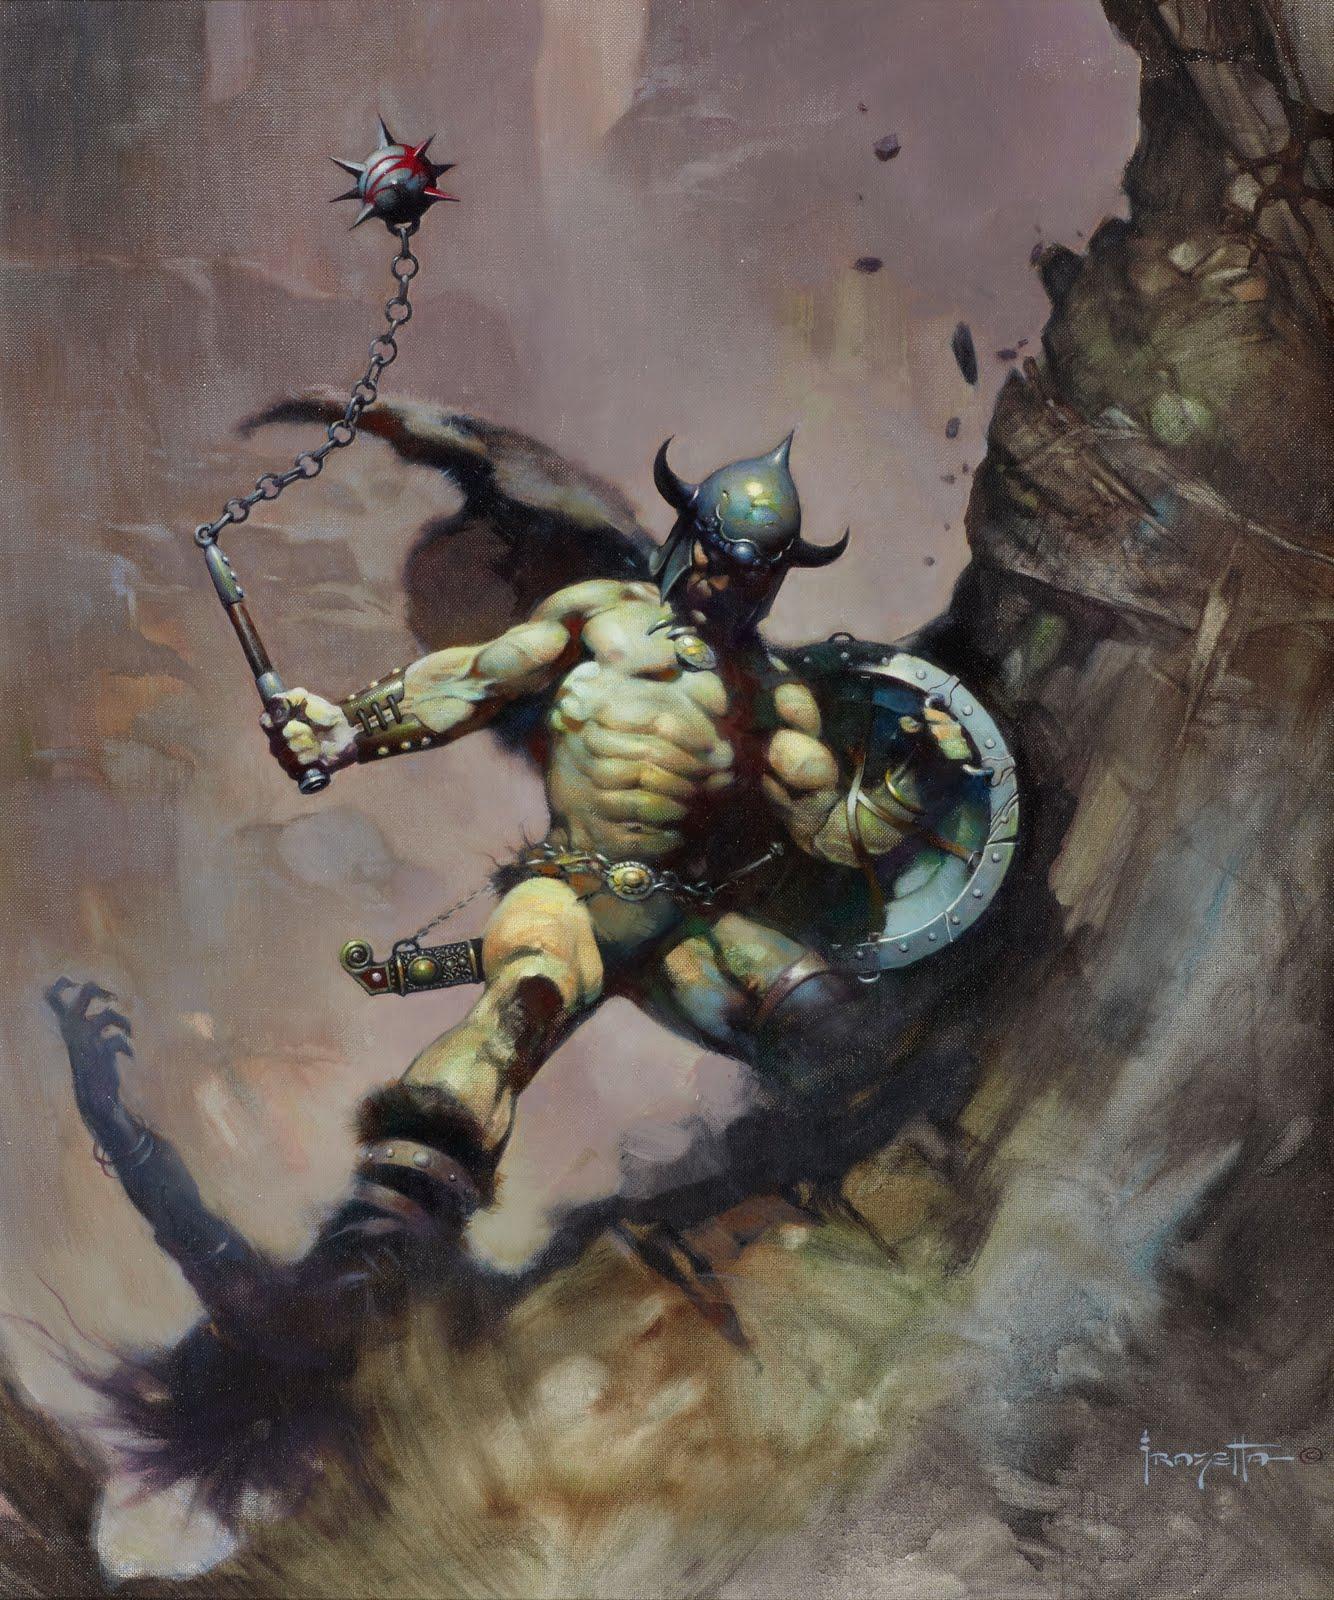 SoupGoblins Stash: Conan the Barbarian